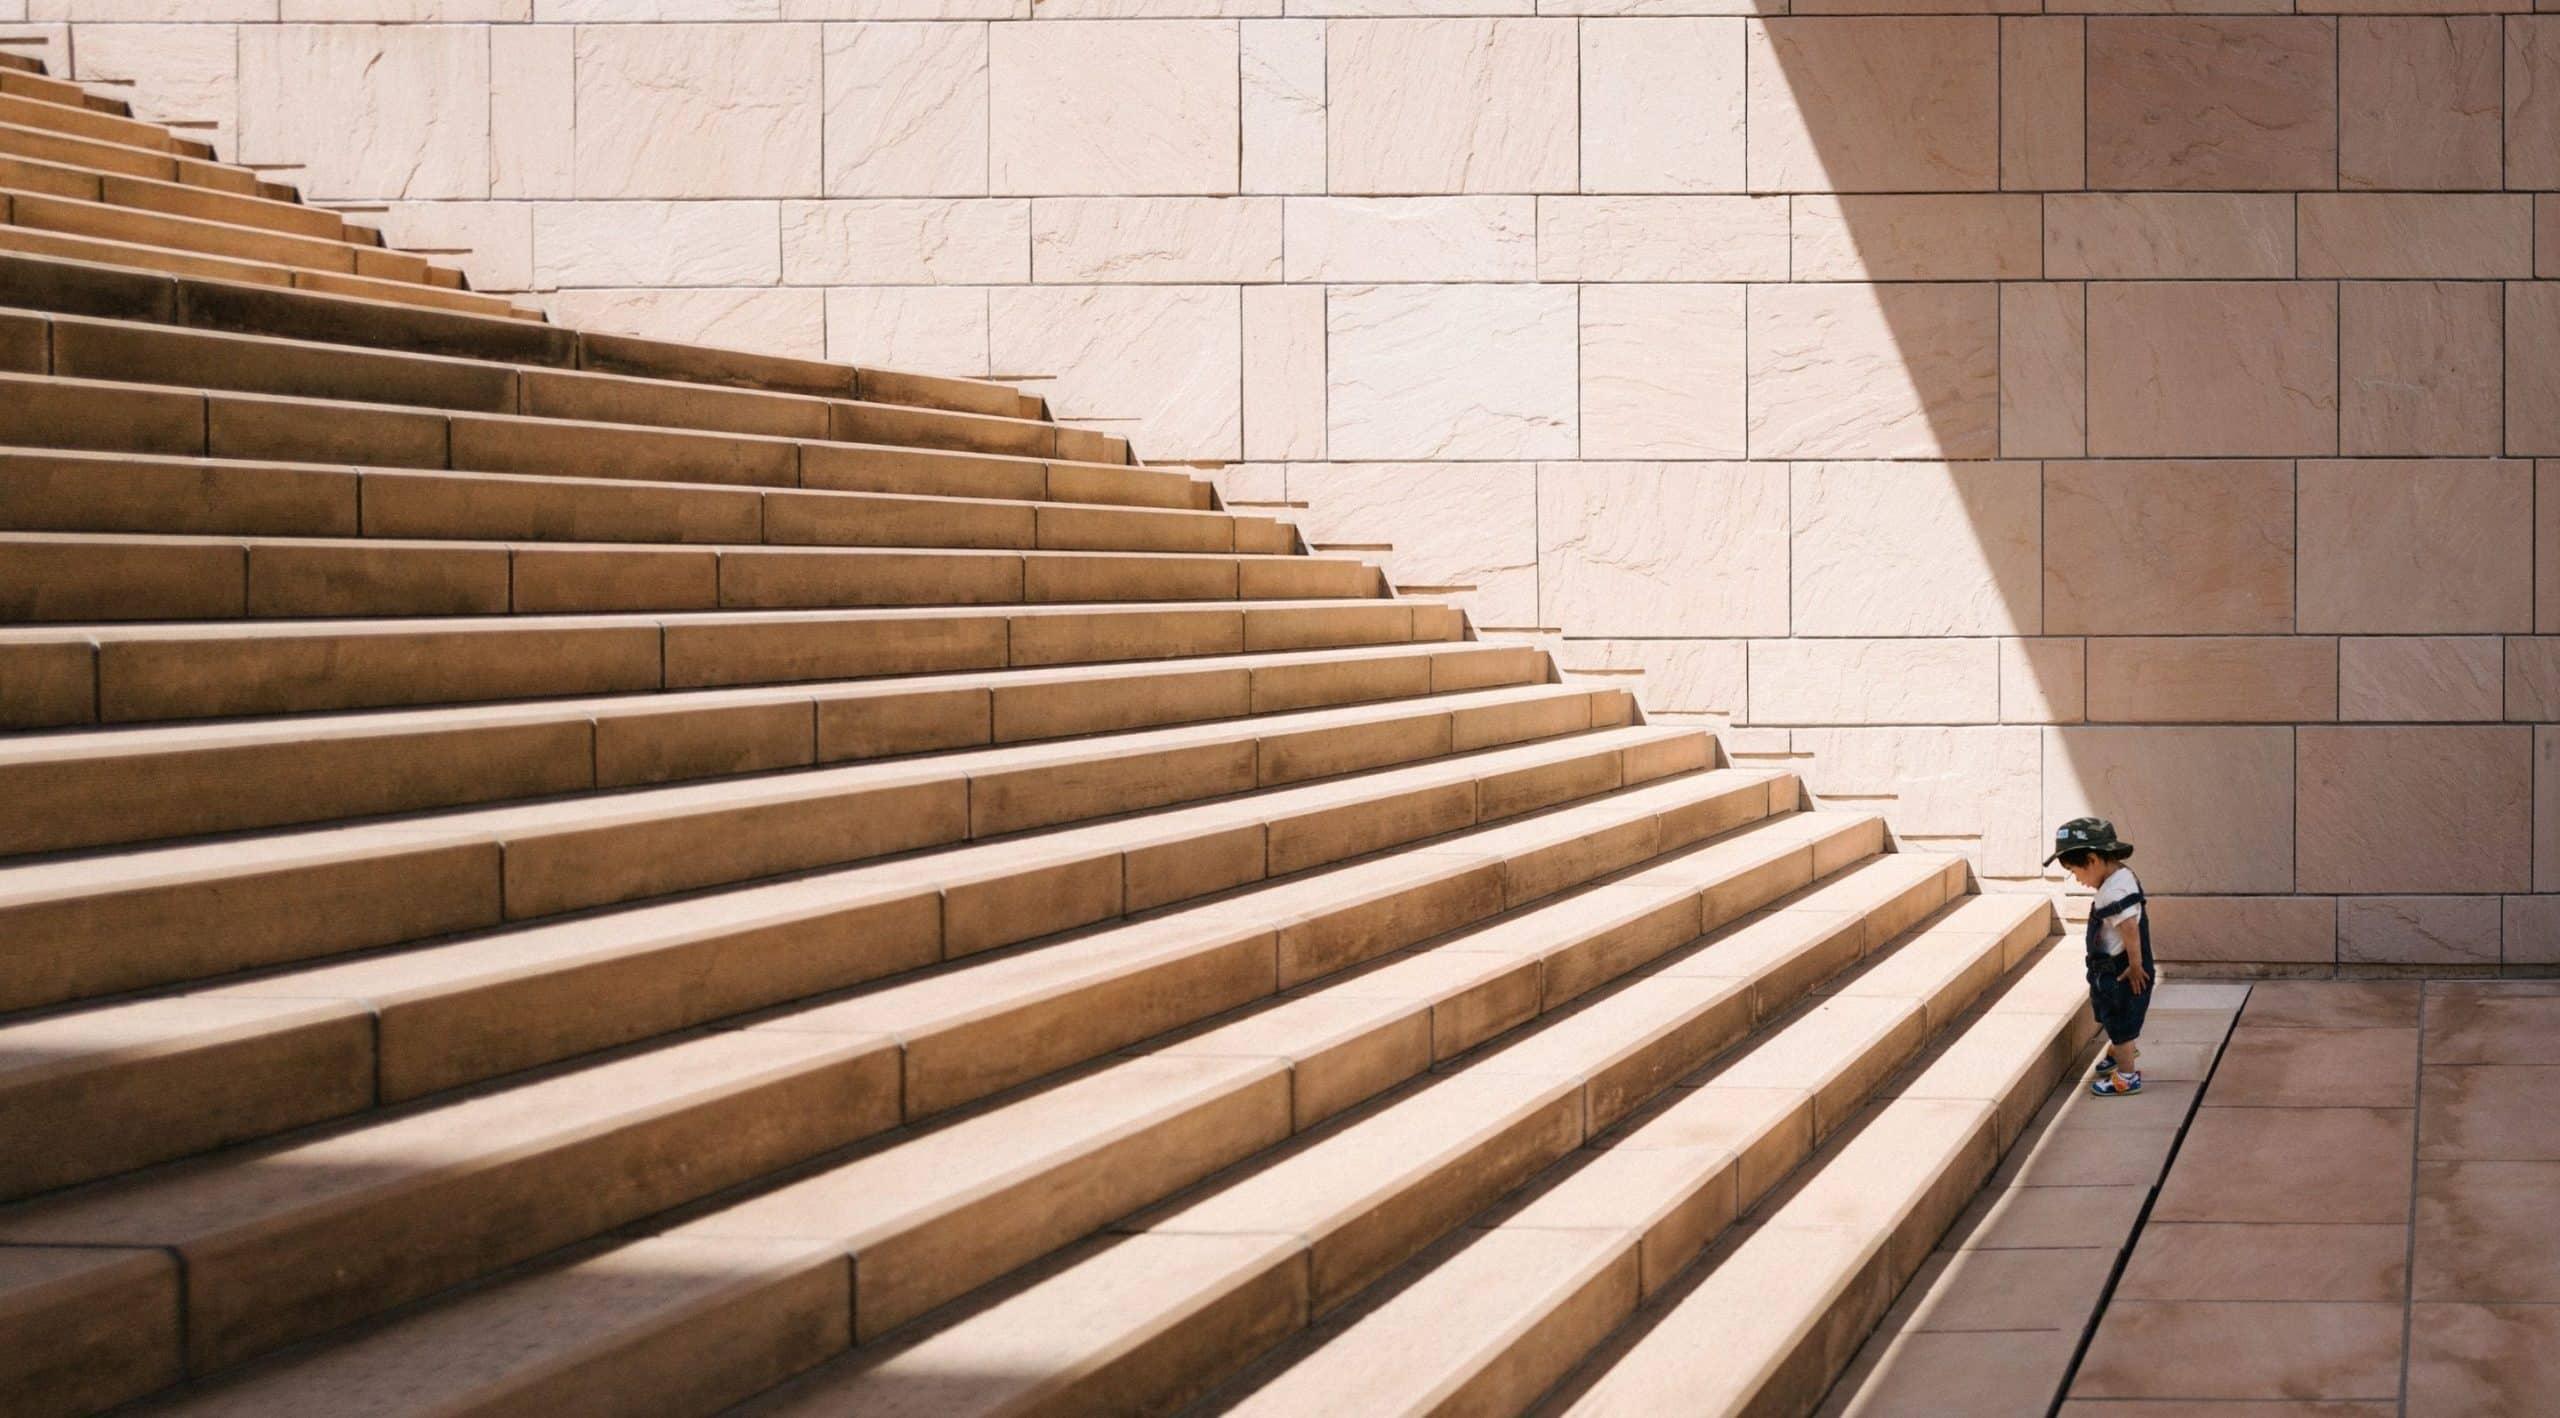 un gamin en face d'un escalier